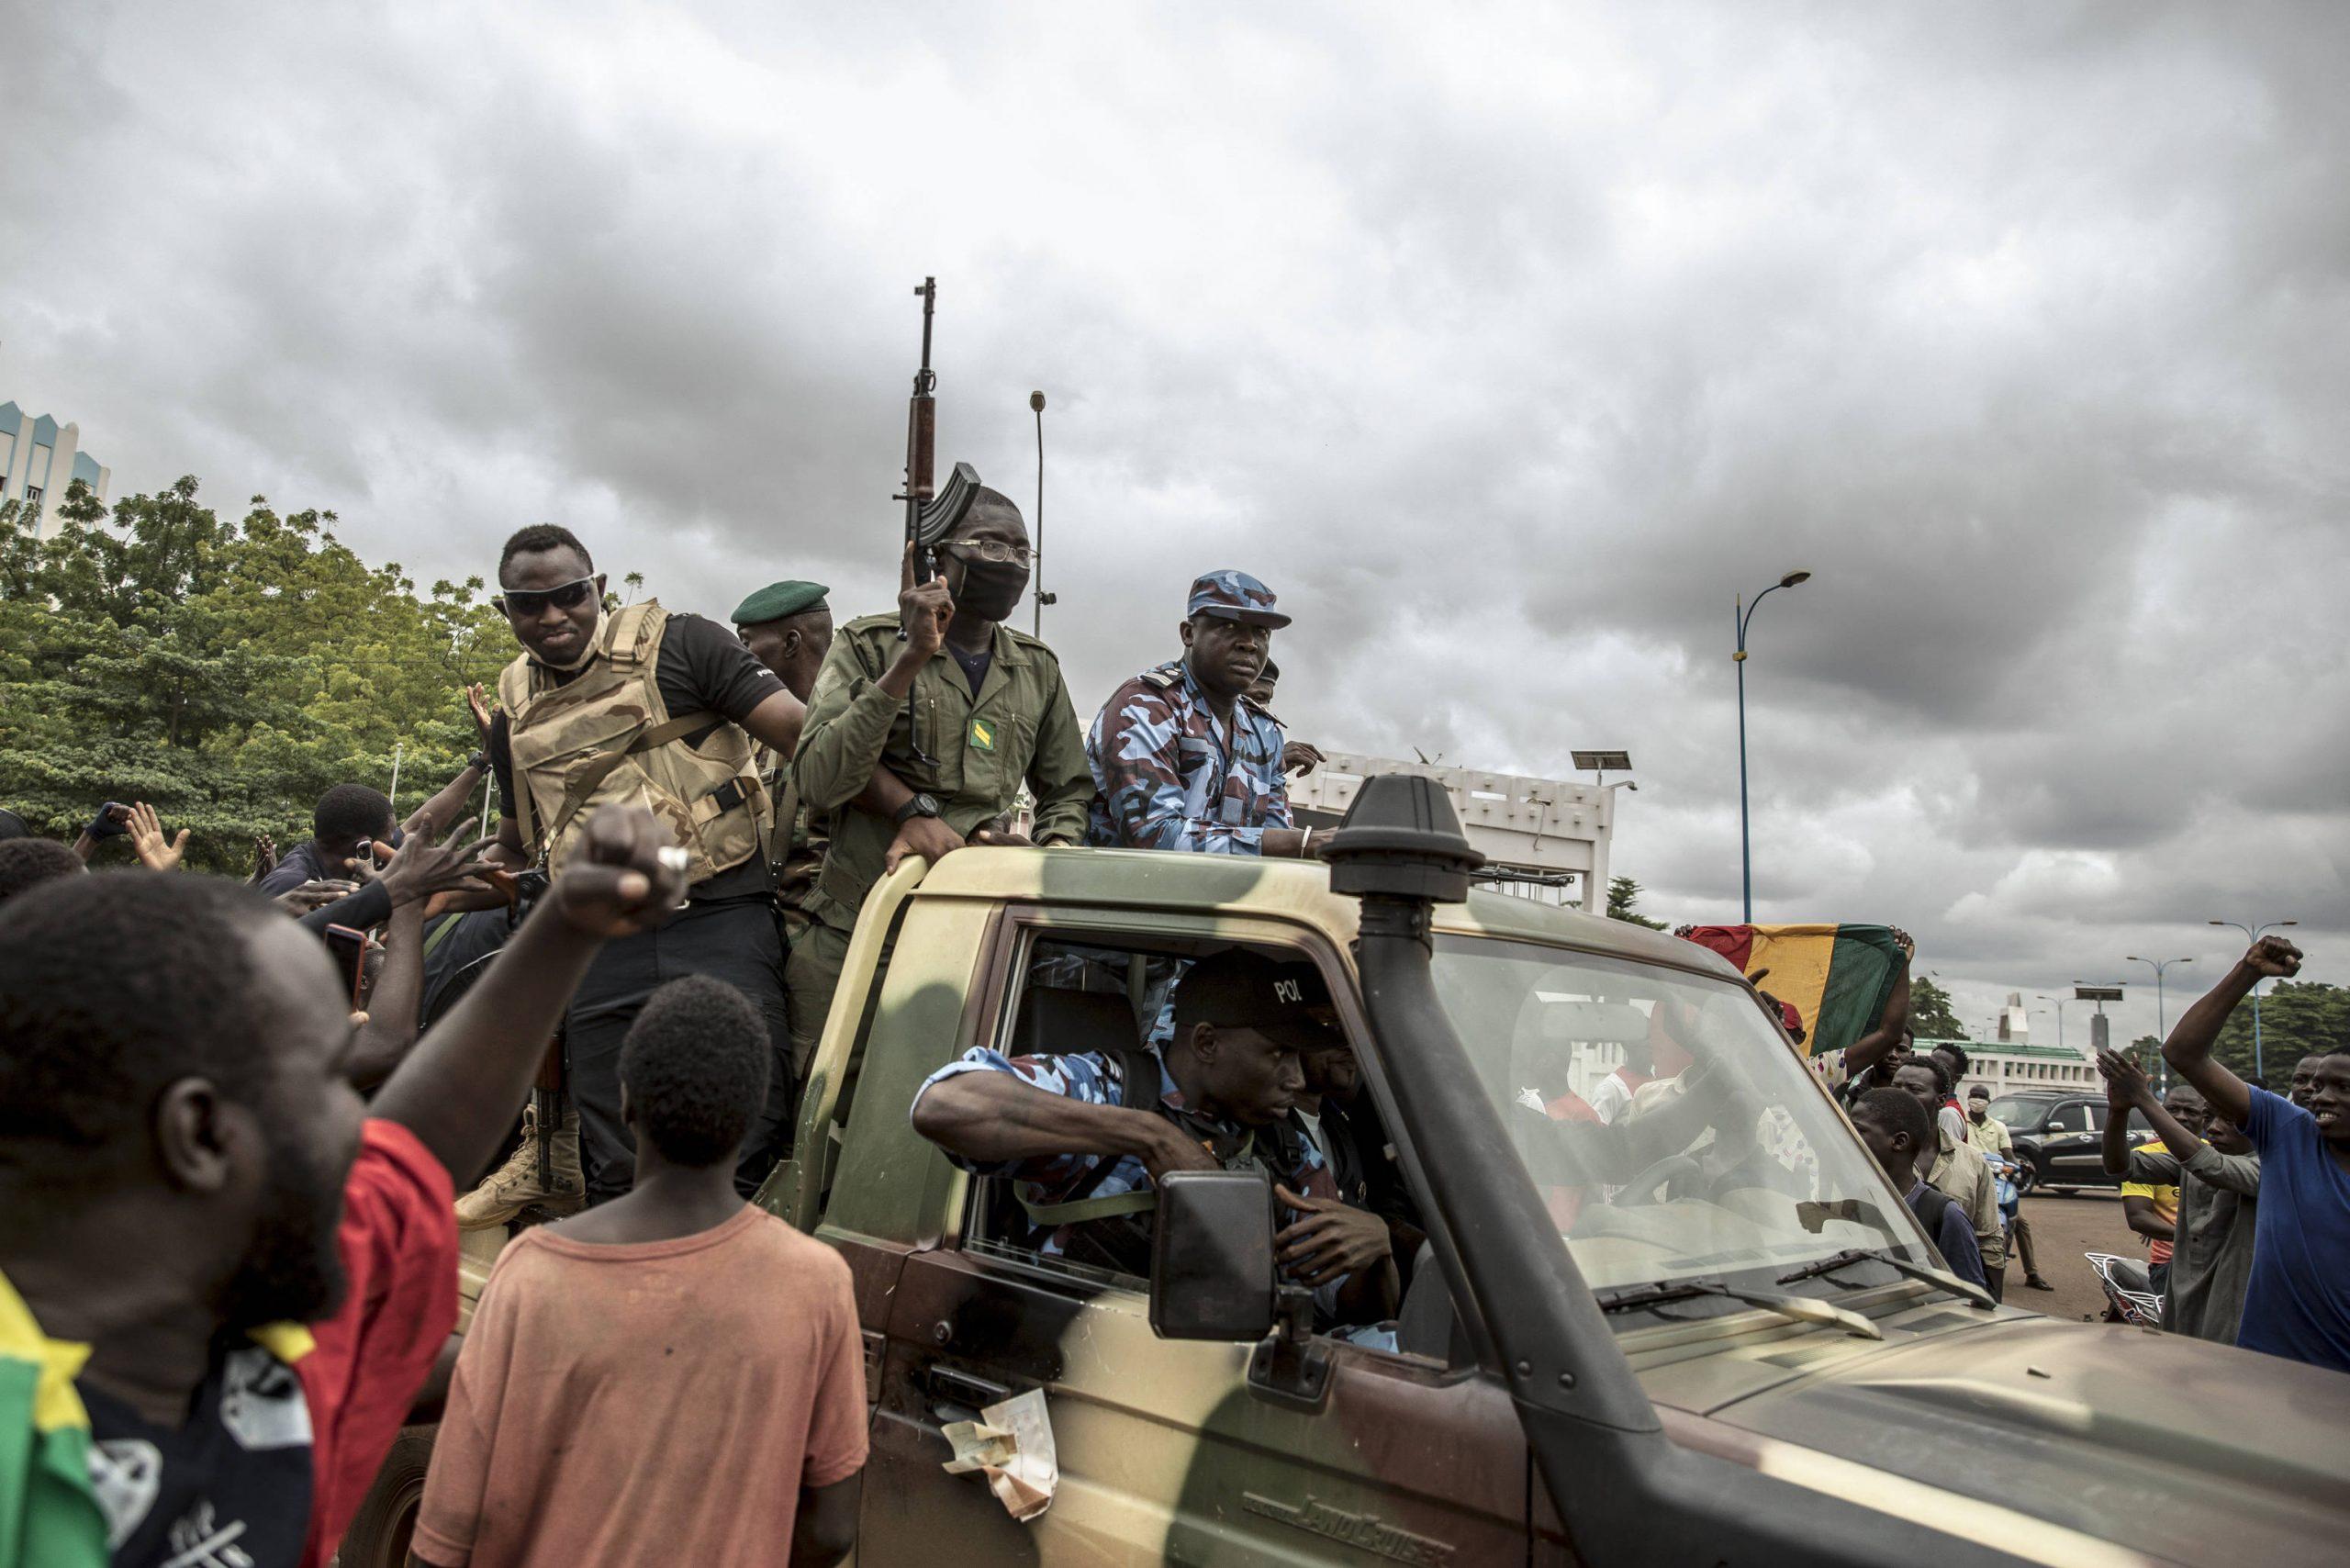 Des manifestants saluent le passage un convoi de militaires à Bamako, le 19 août 2020, au lendemain de la démission d'IBK.